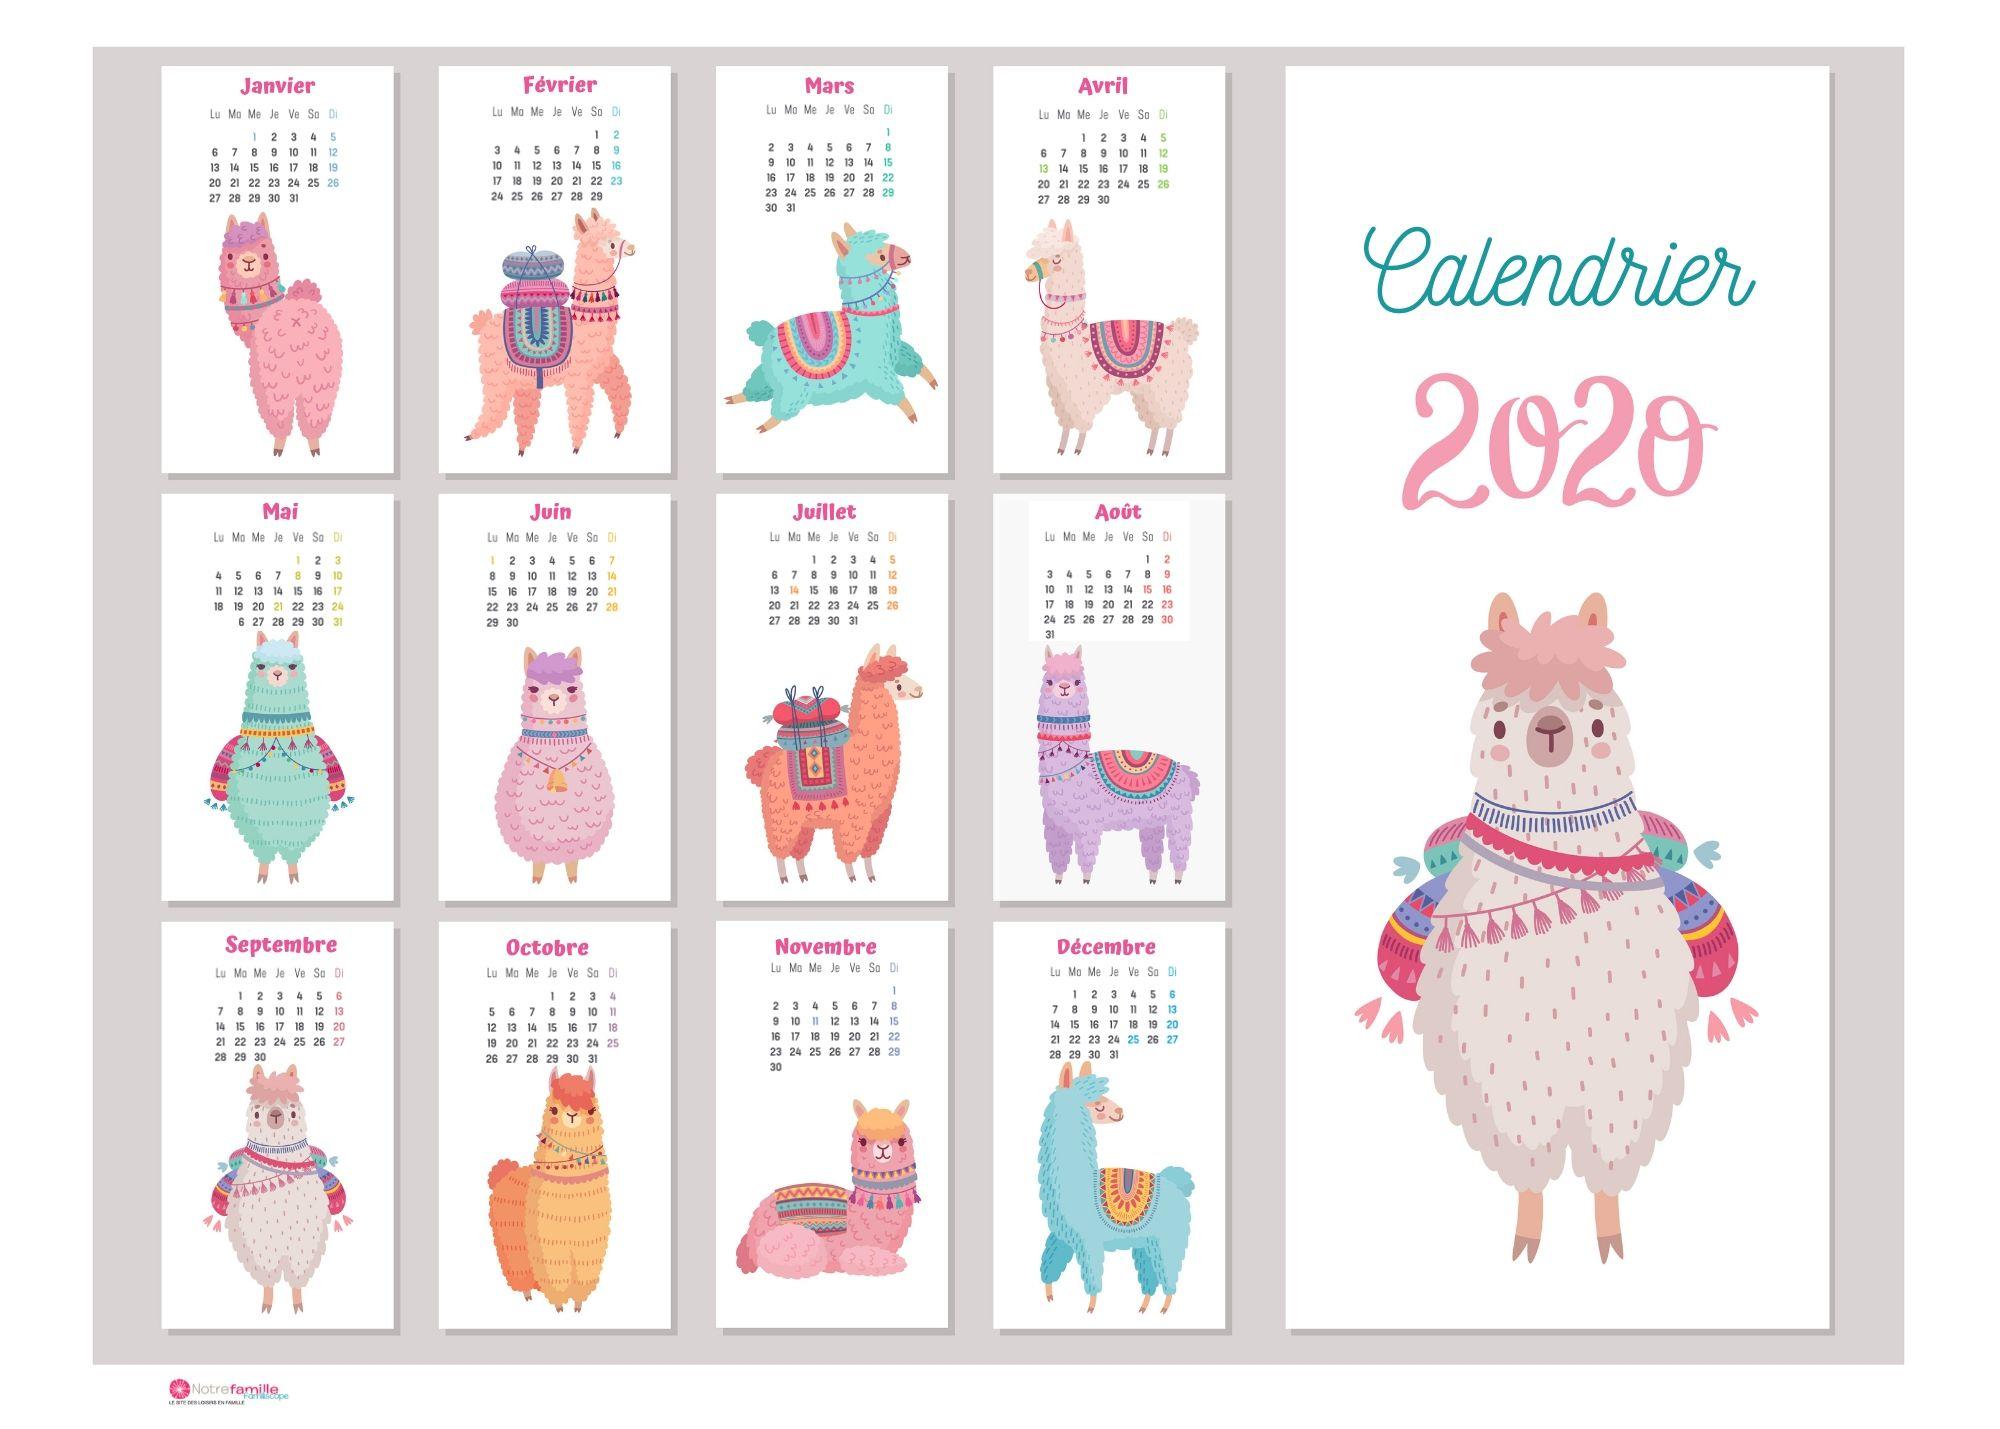 Calendriers 2020 À Imprimer Pour Les Enfants tout Calendrier Ludique À Imprimer